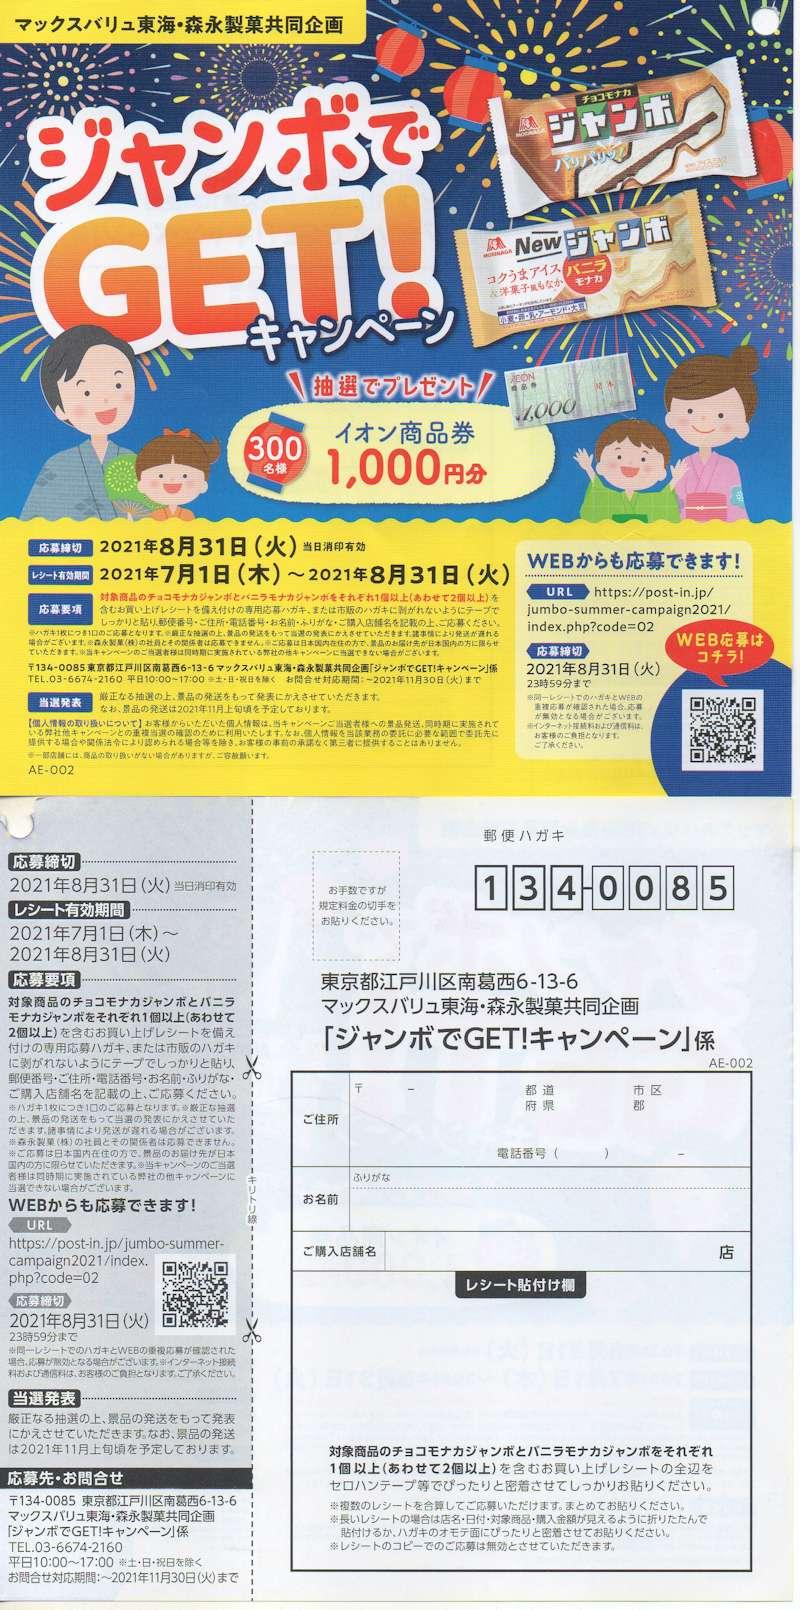 マックスバリュ東海×森永製菓「ジャンボでGET!キャンペーン」2021/8/31〆